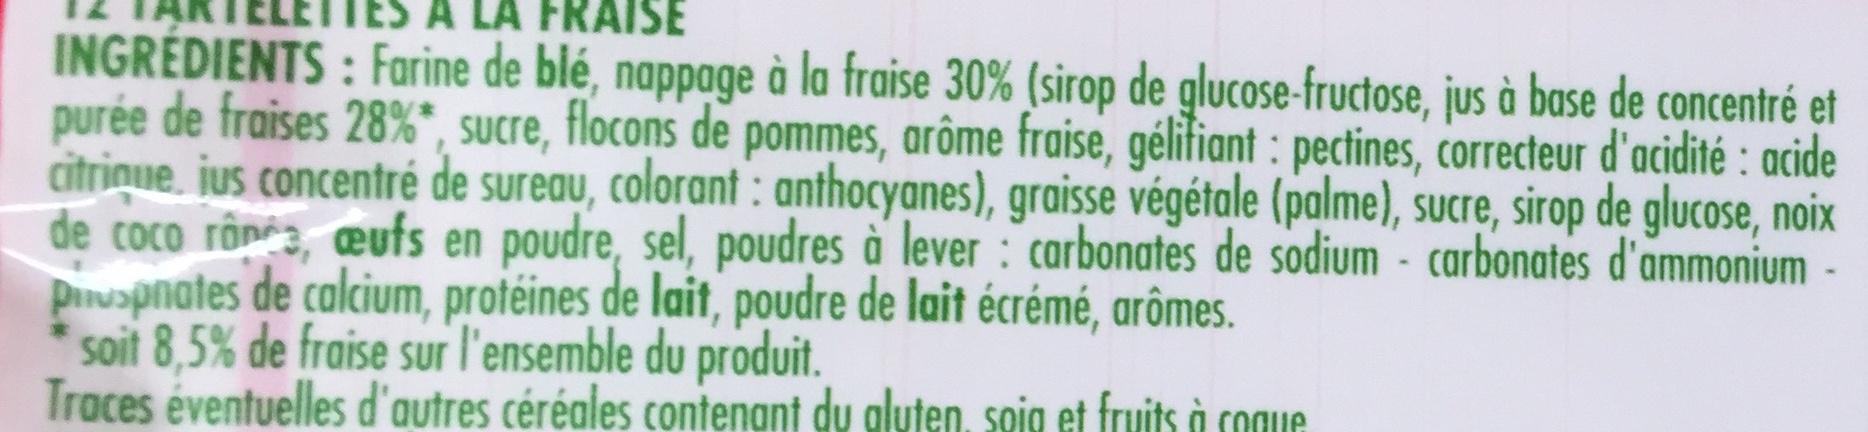 Tartelettes à la fraise - Ingrédients